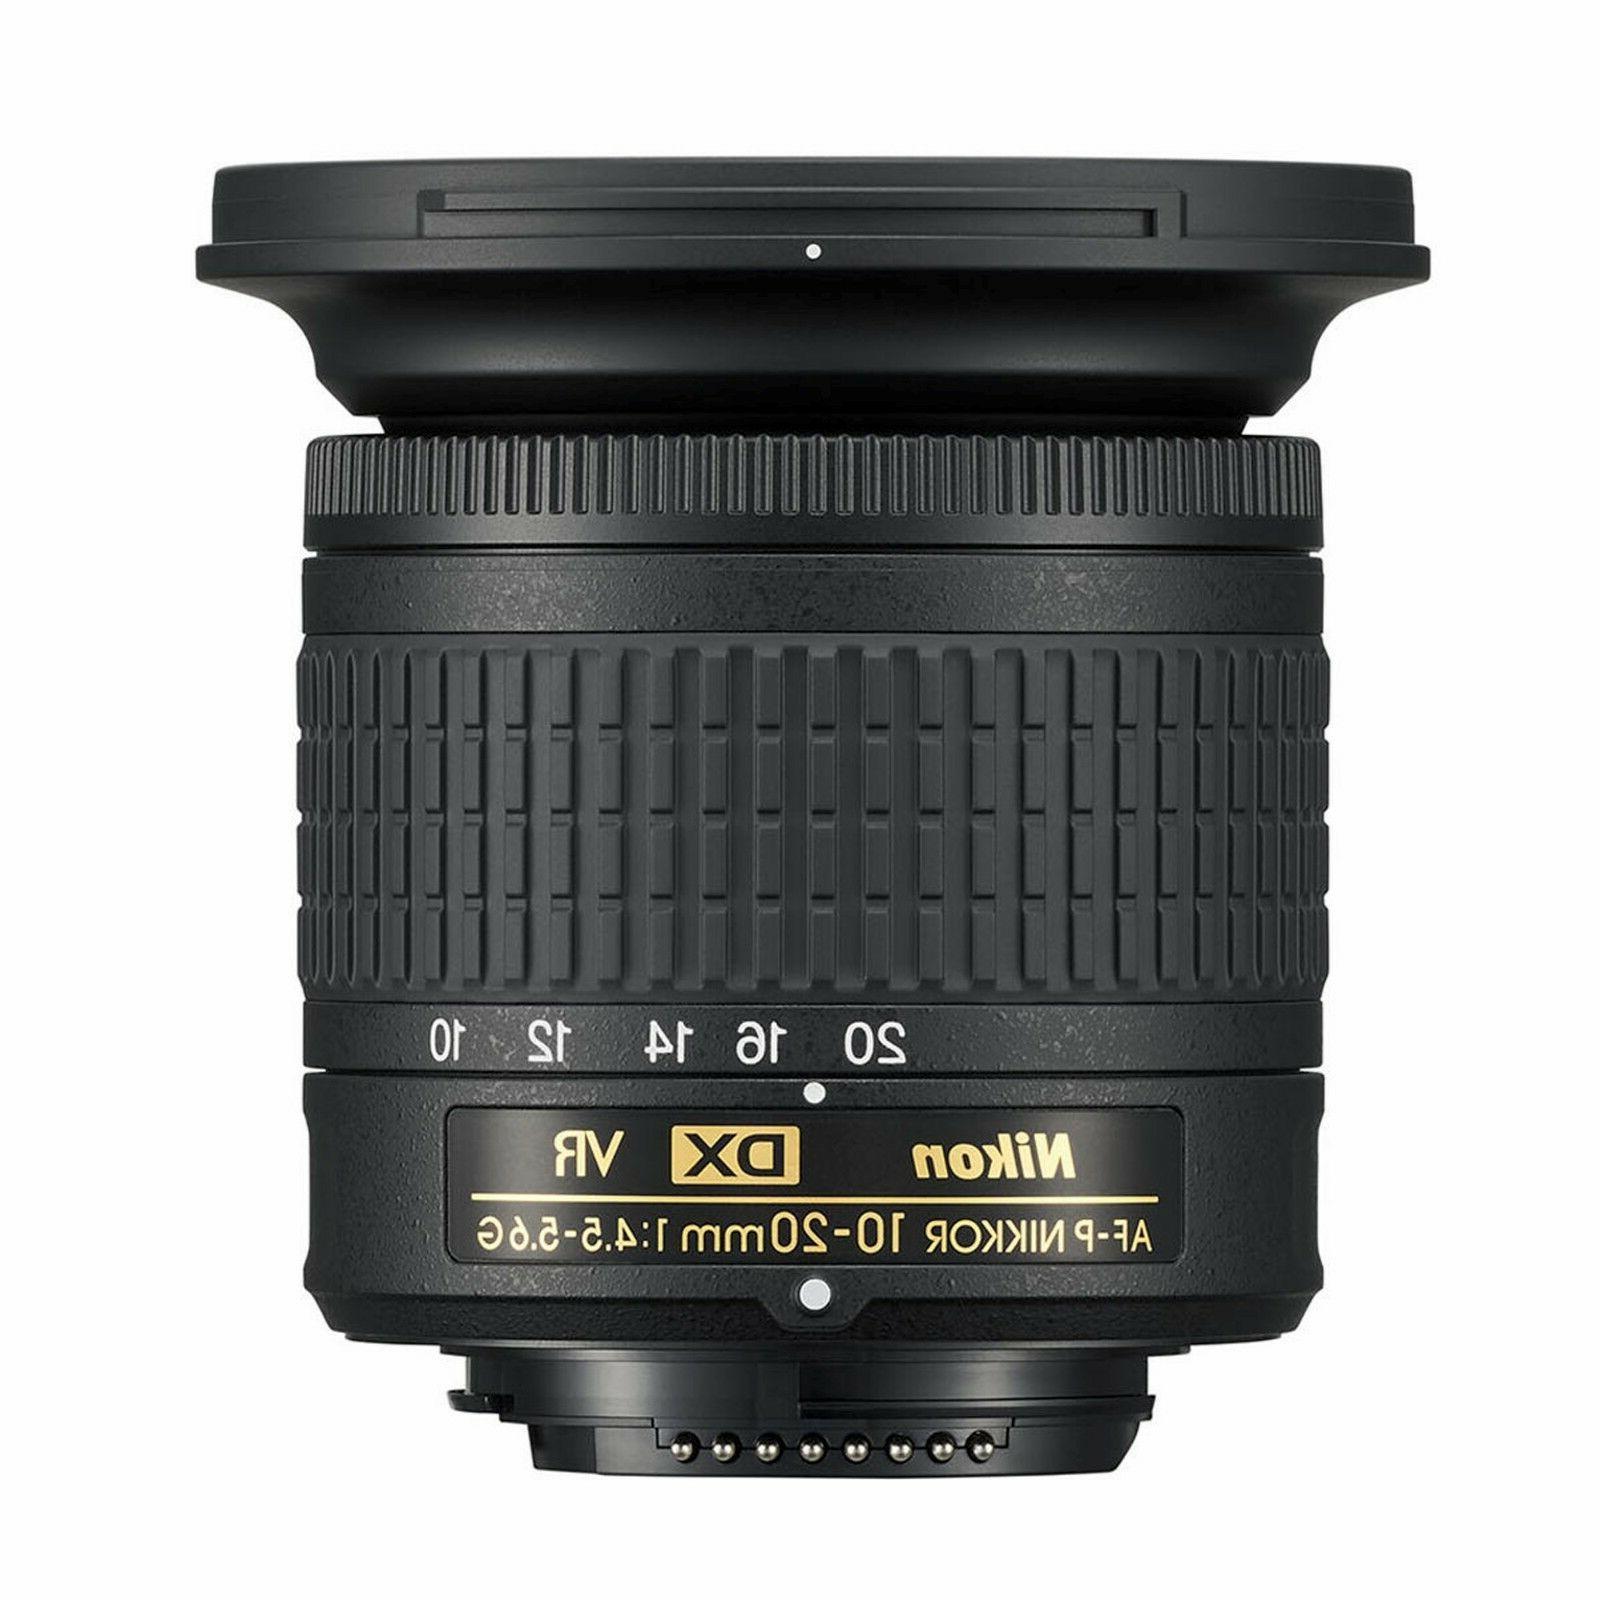 Nikon AF-P DX F/4.5-5.6G VR *IN